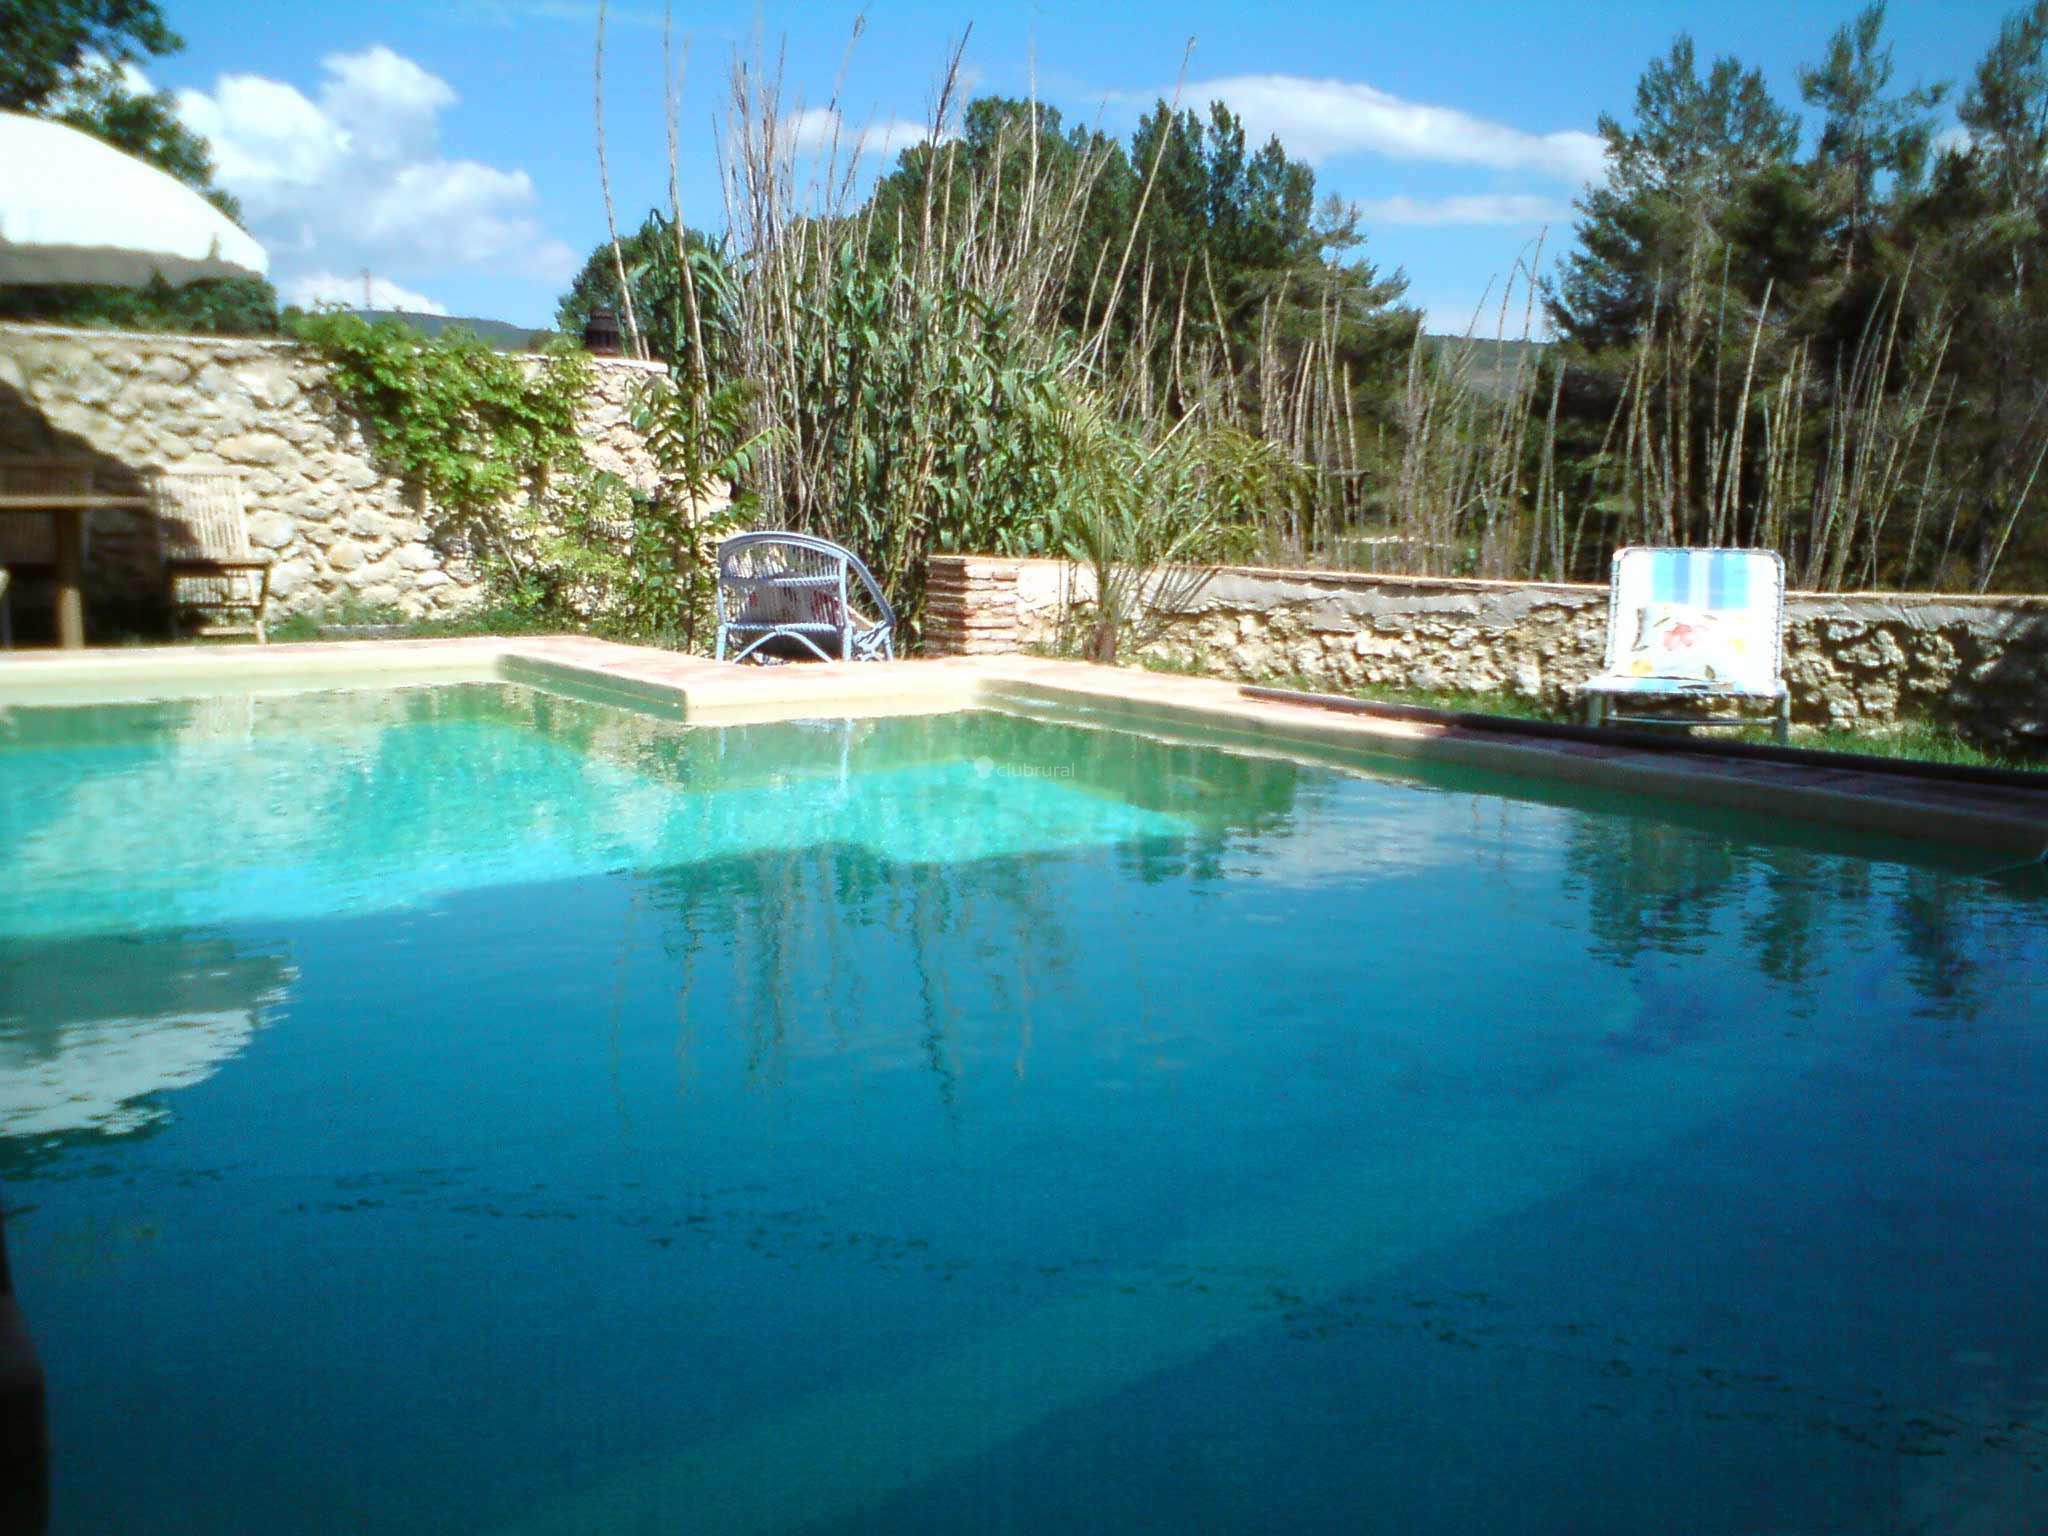 Fotos de molino del agua alicante banyeres de mariola clubrural - Alquiler casa rural alicante ...